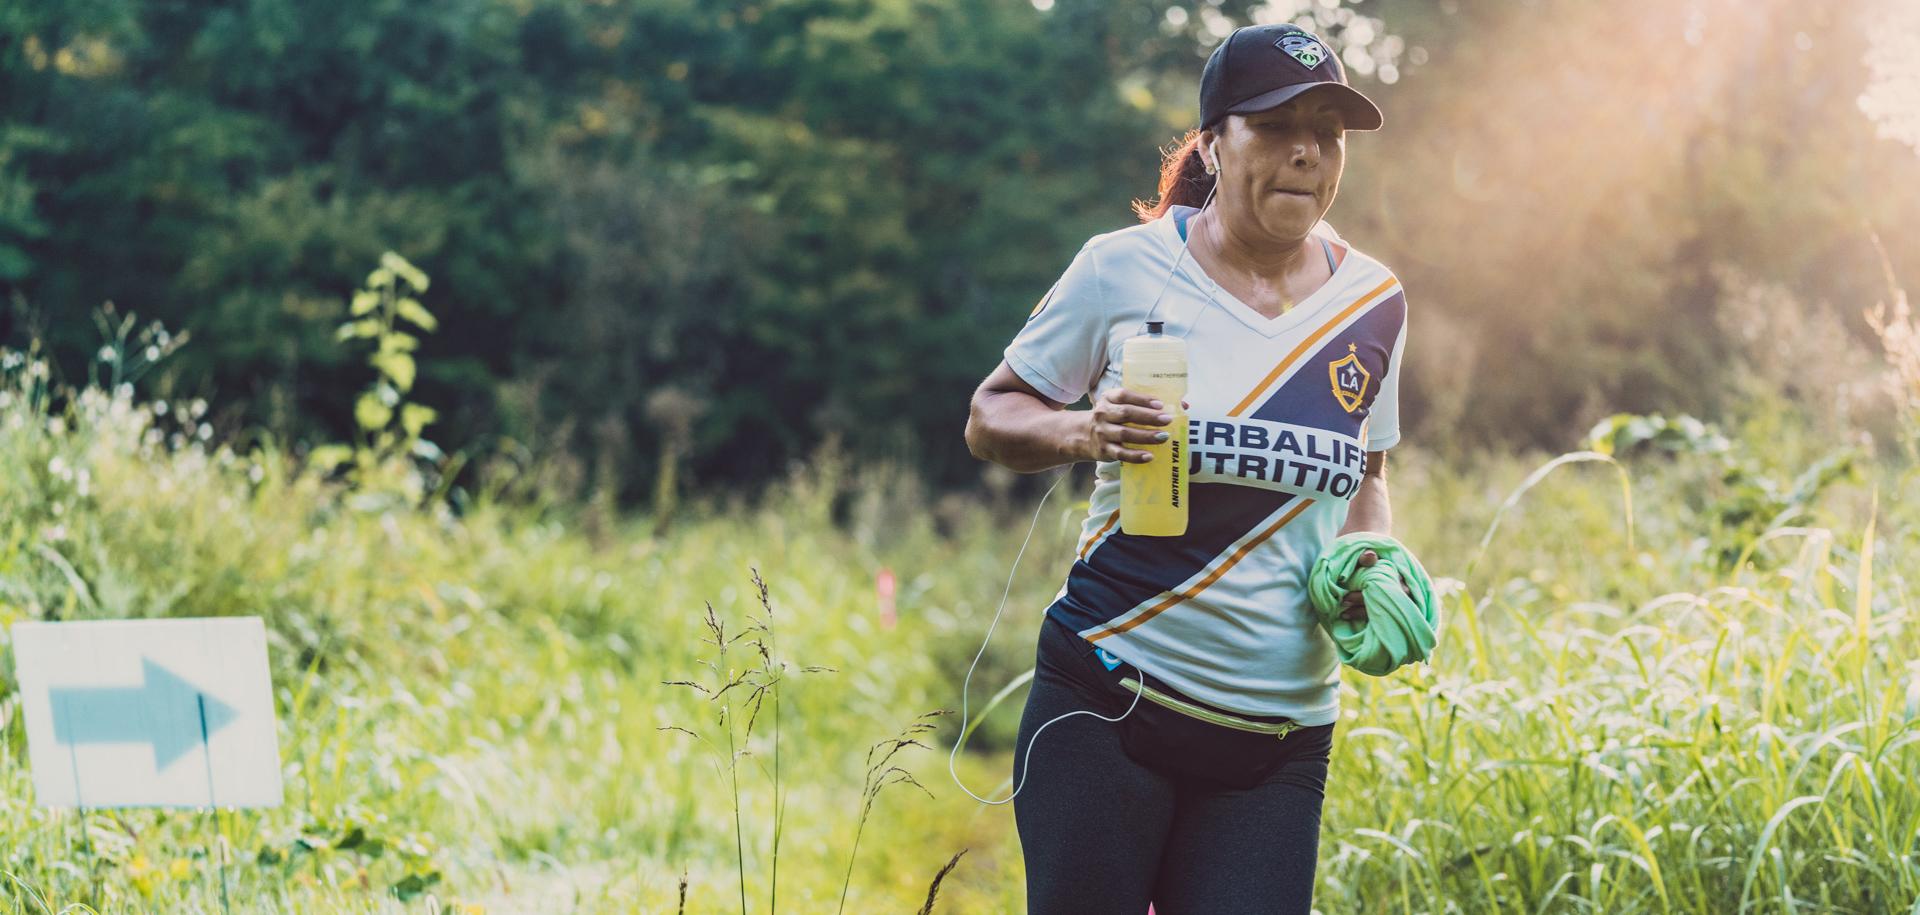 A woman running on Turkey Mountain in Tulsa, Oklahoma.